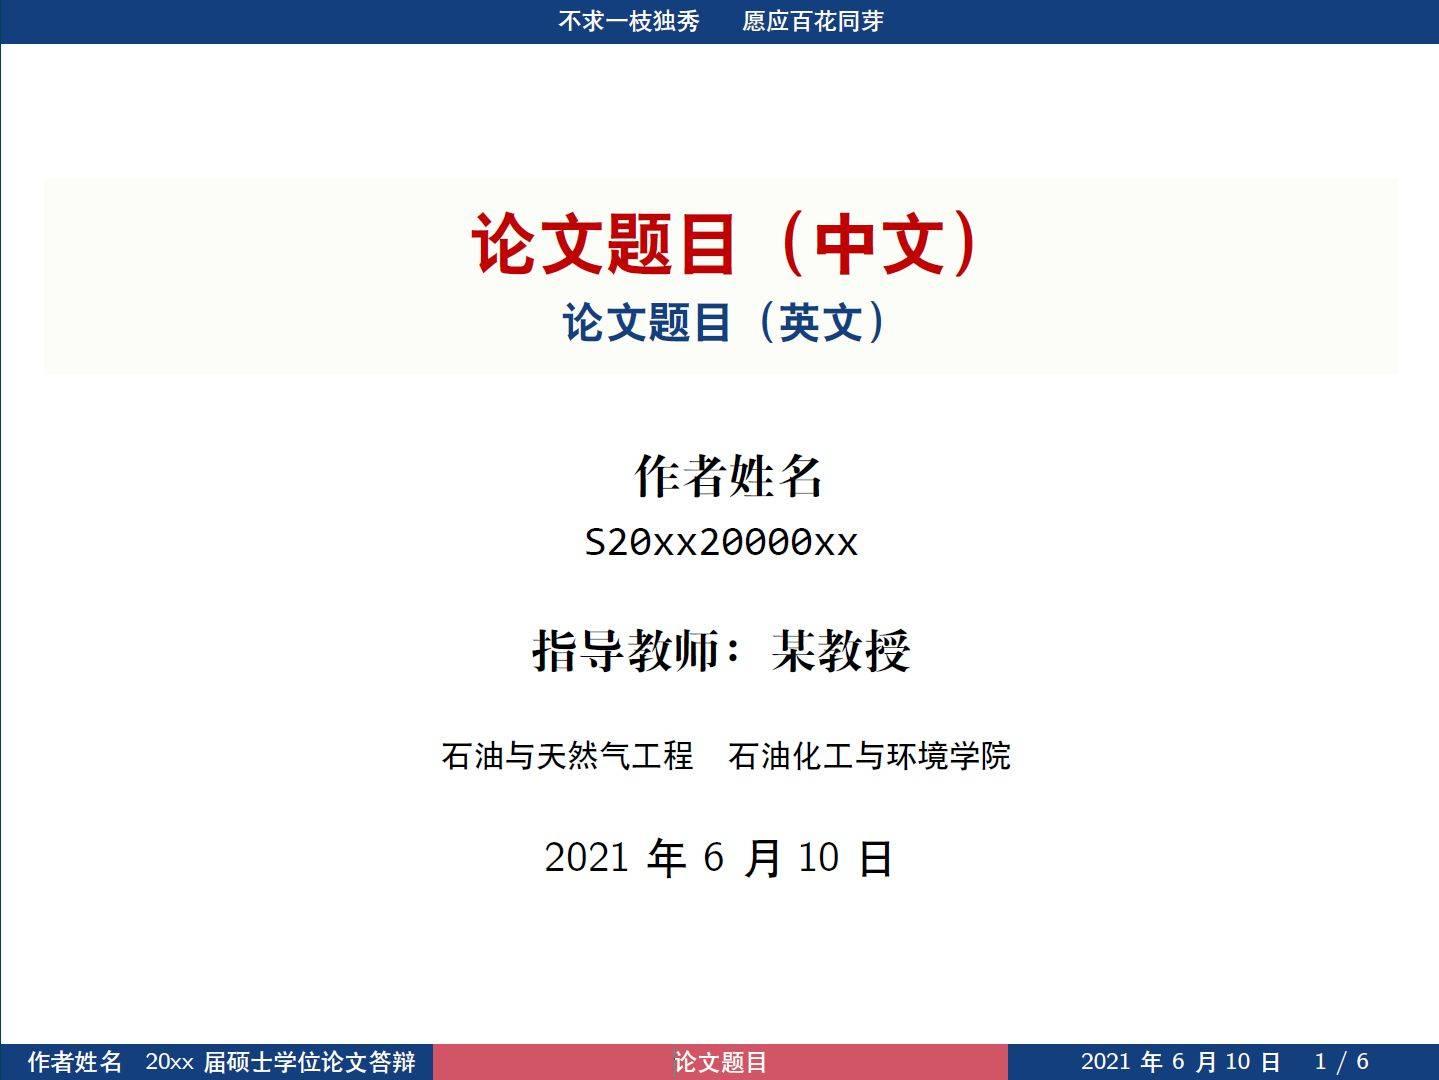 浙江海洋大学模板(非官方)